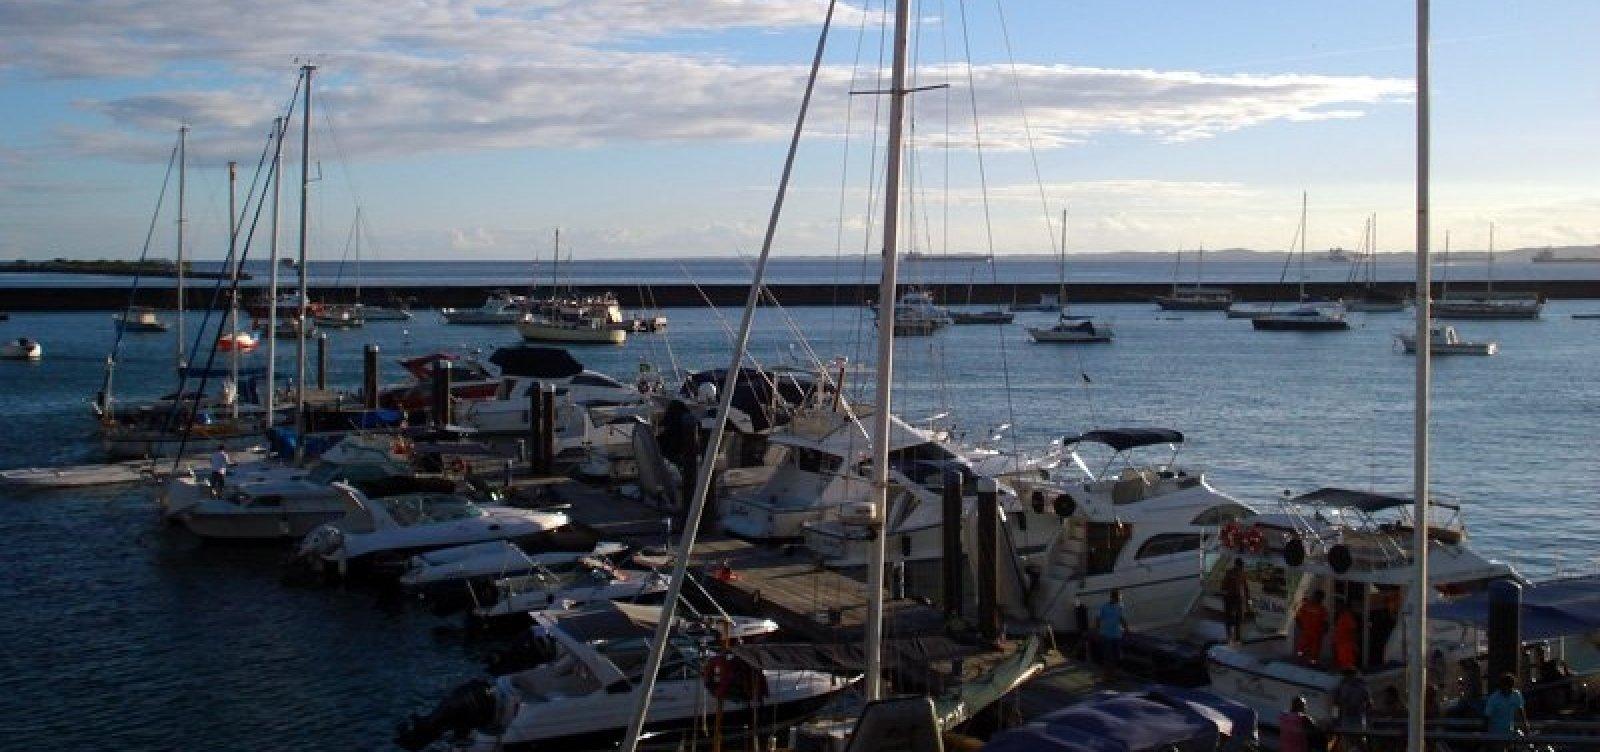 Com mar agitado, travessia Salvador-Mar Grande é suspensa nesta segunda